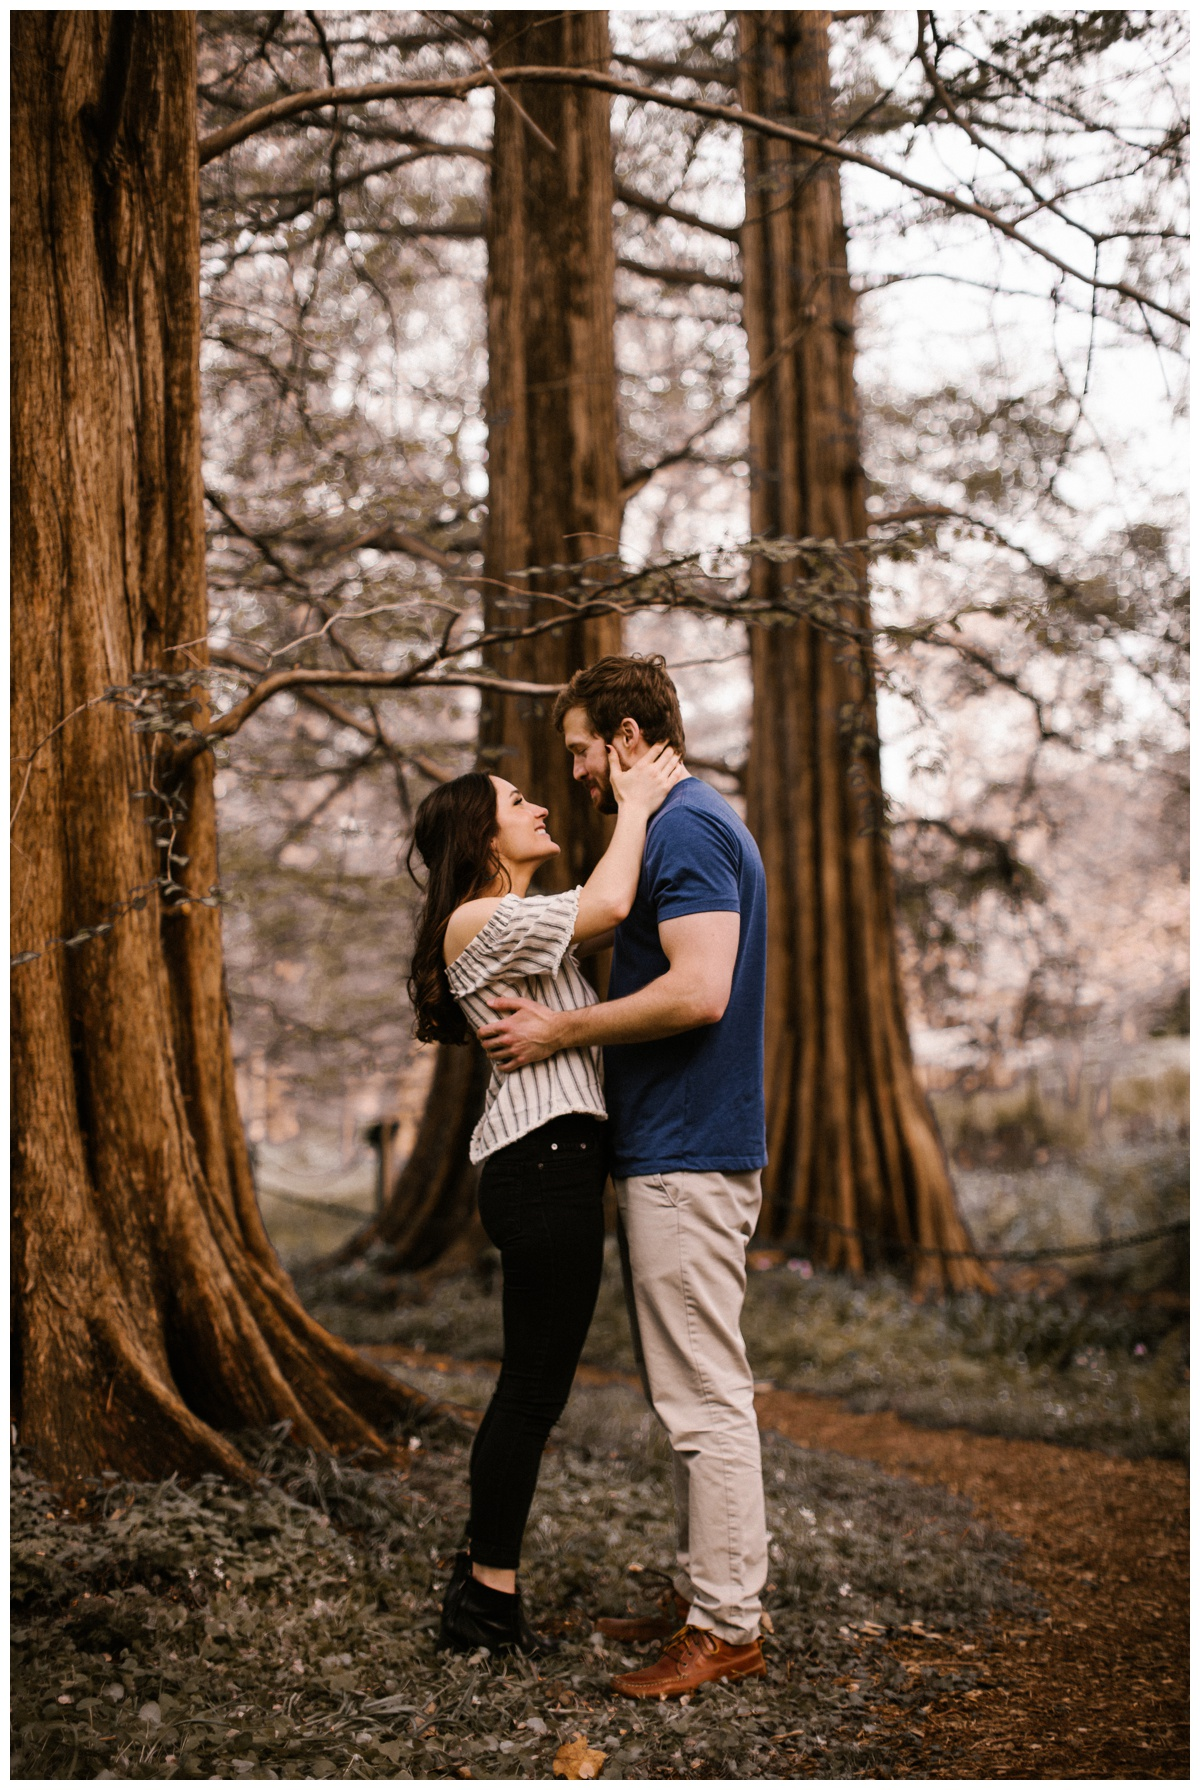 2017-05-30_0002 Megan and Steven - Philadelphia Engagement